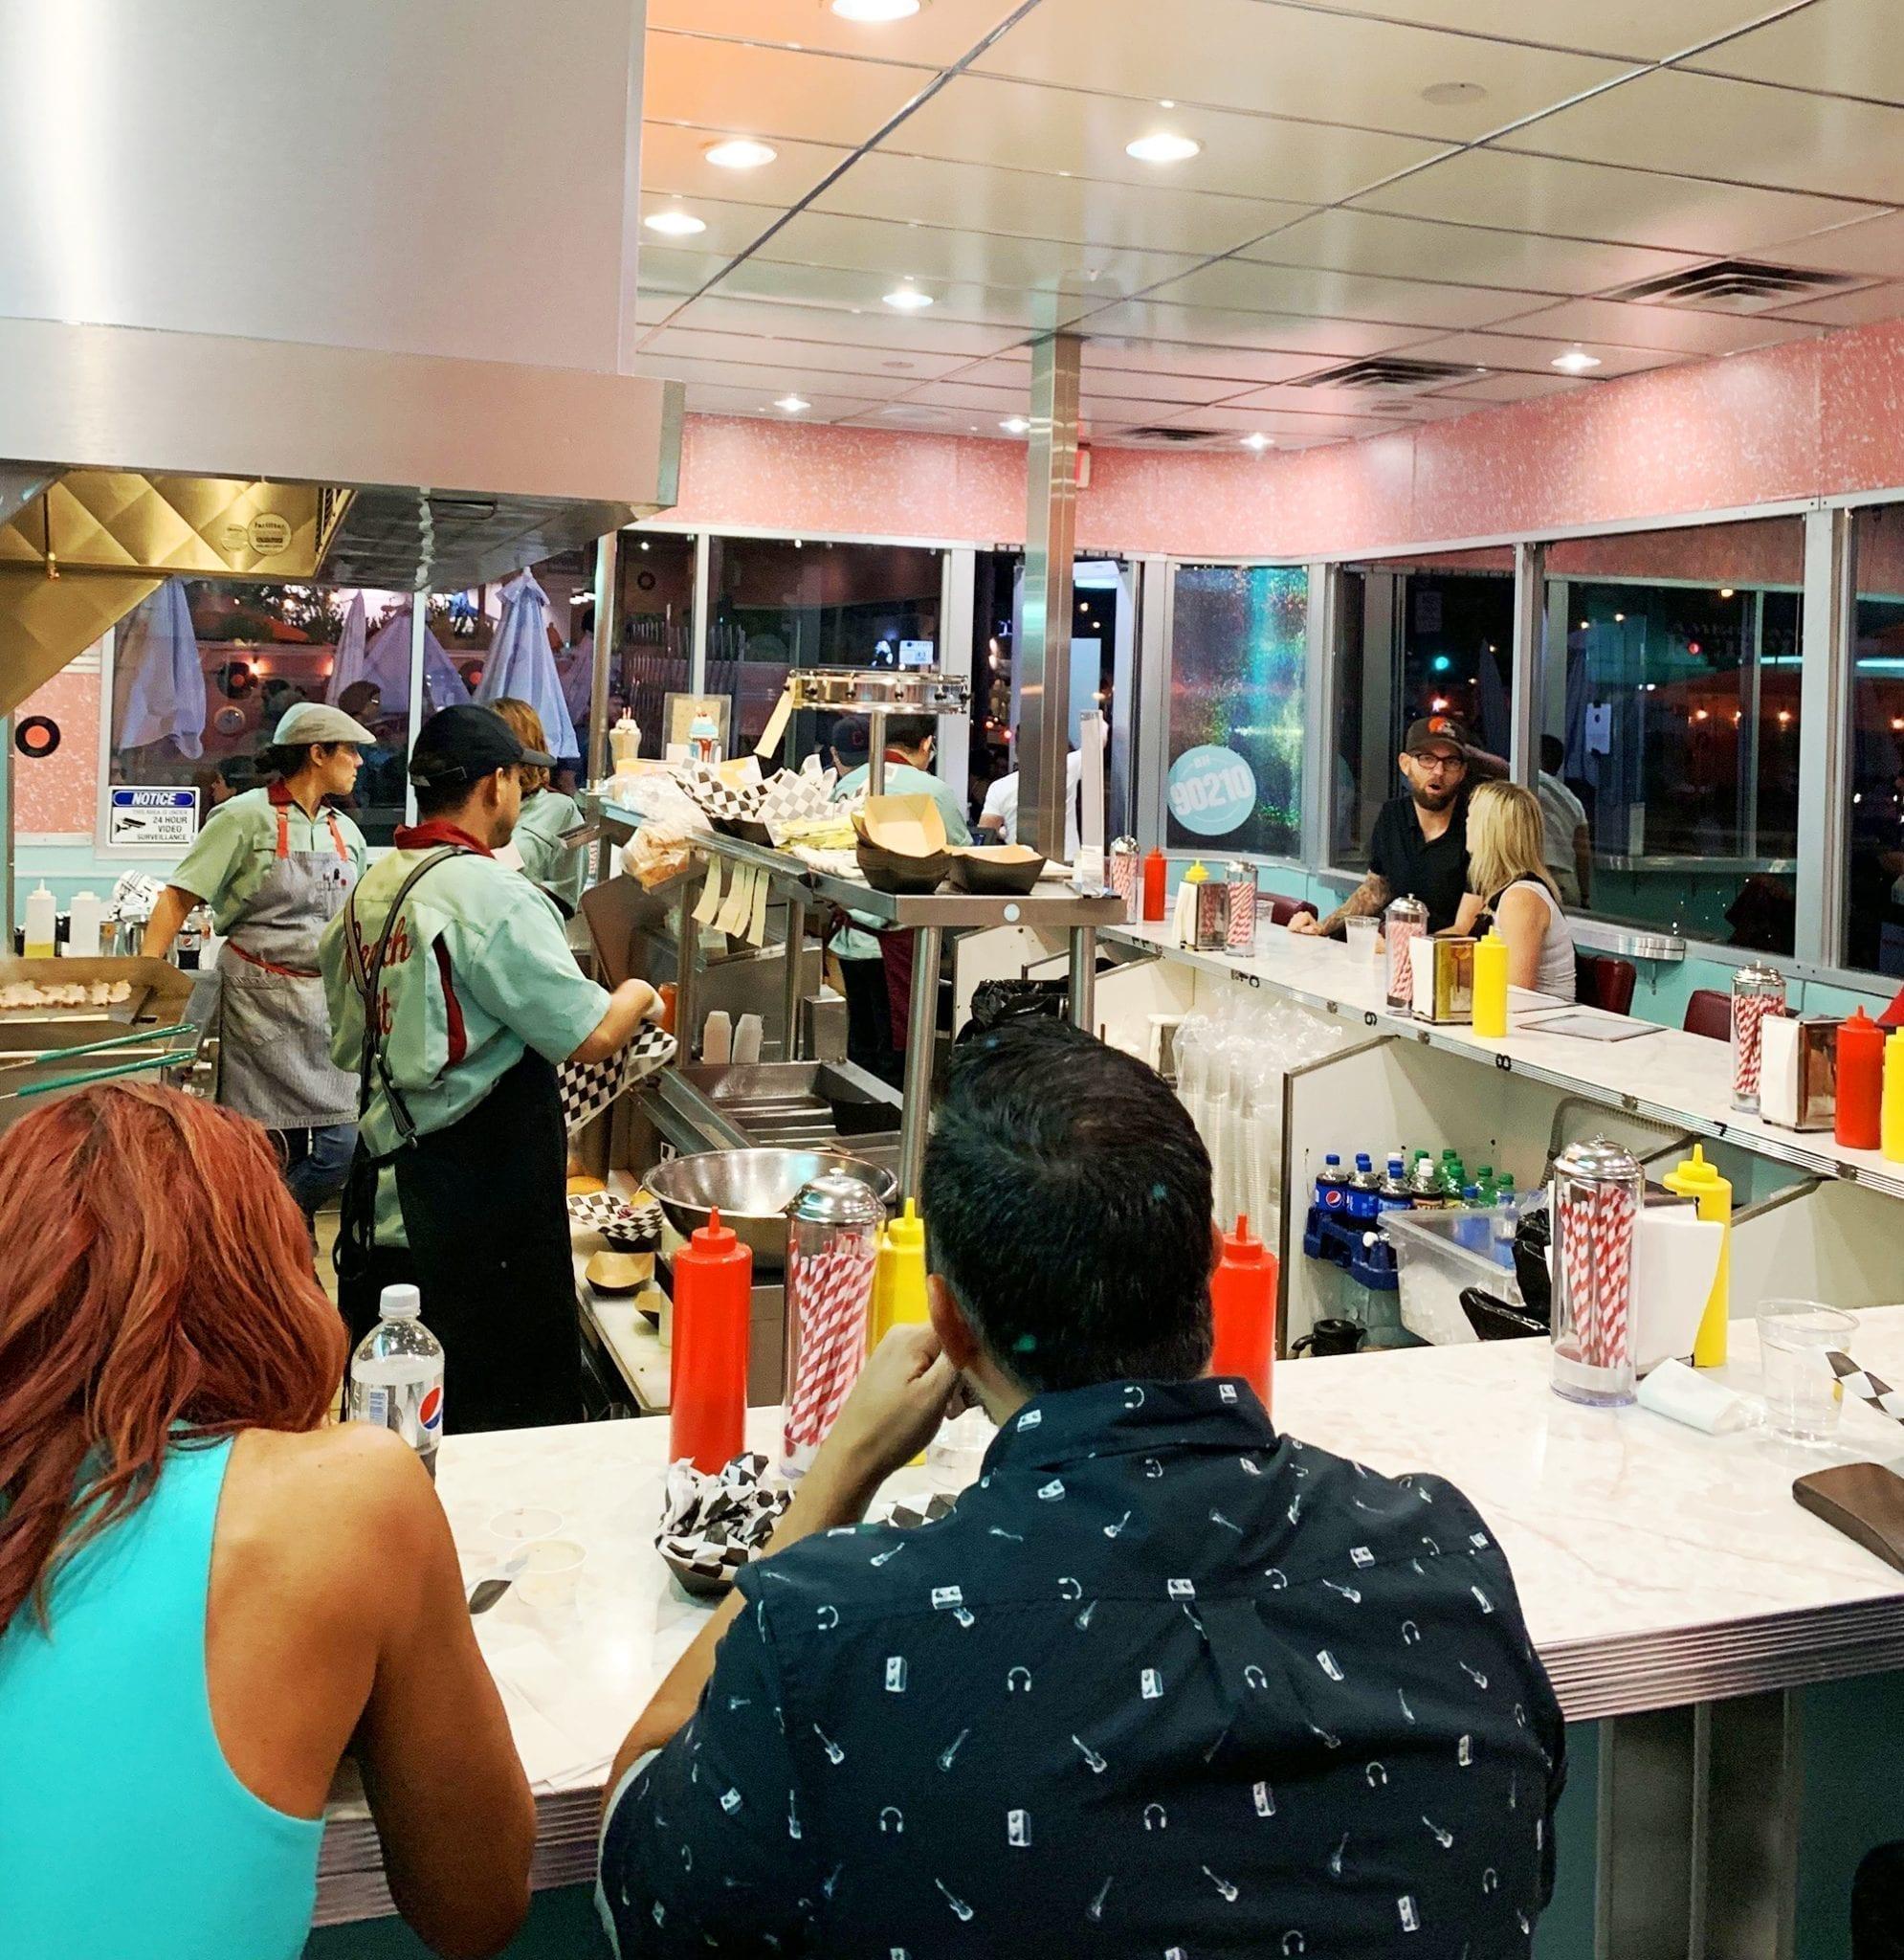 Peach Pit 90210 bar